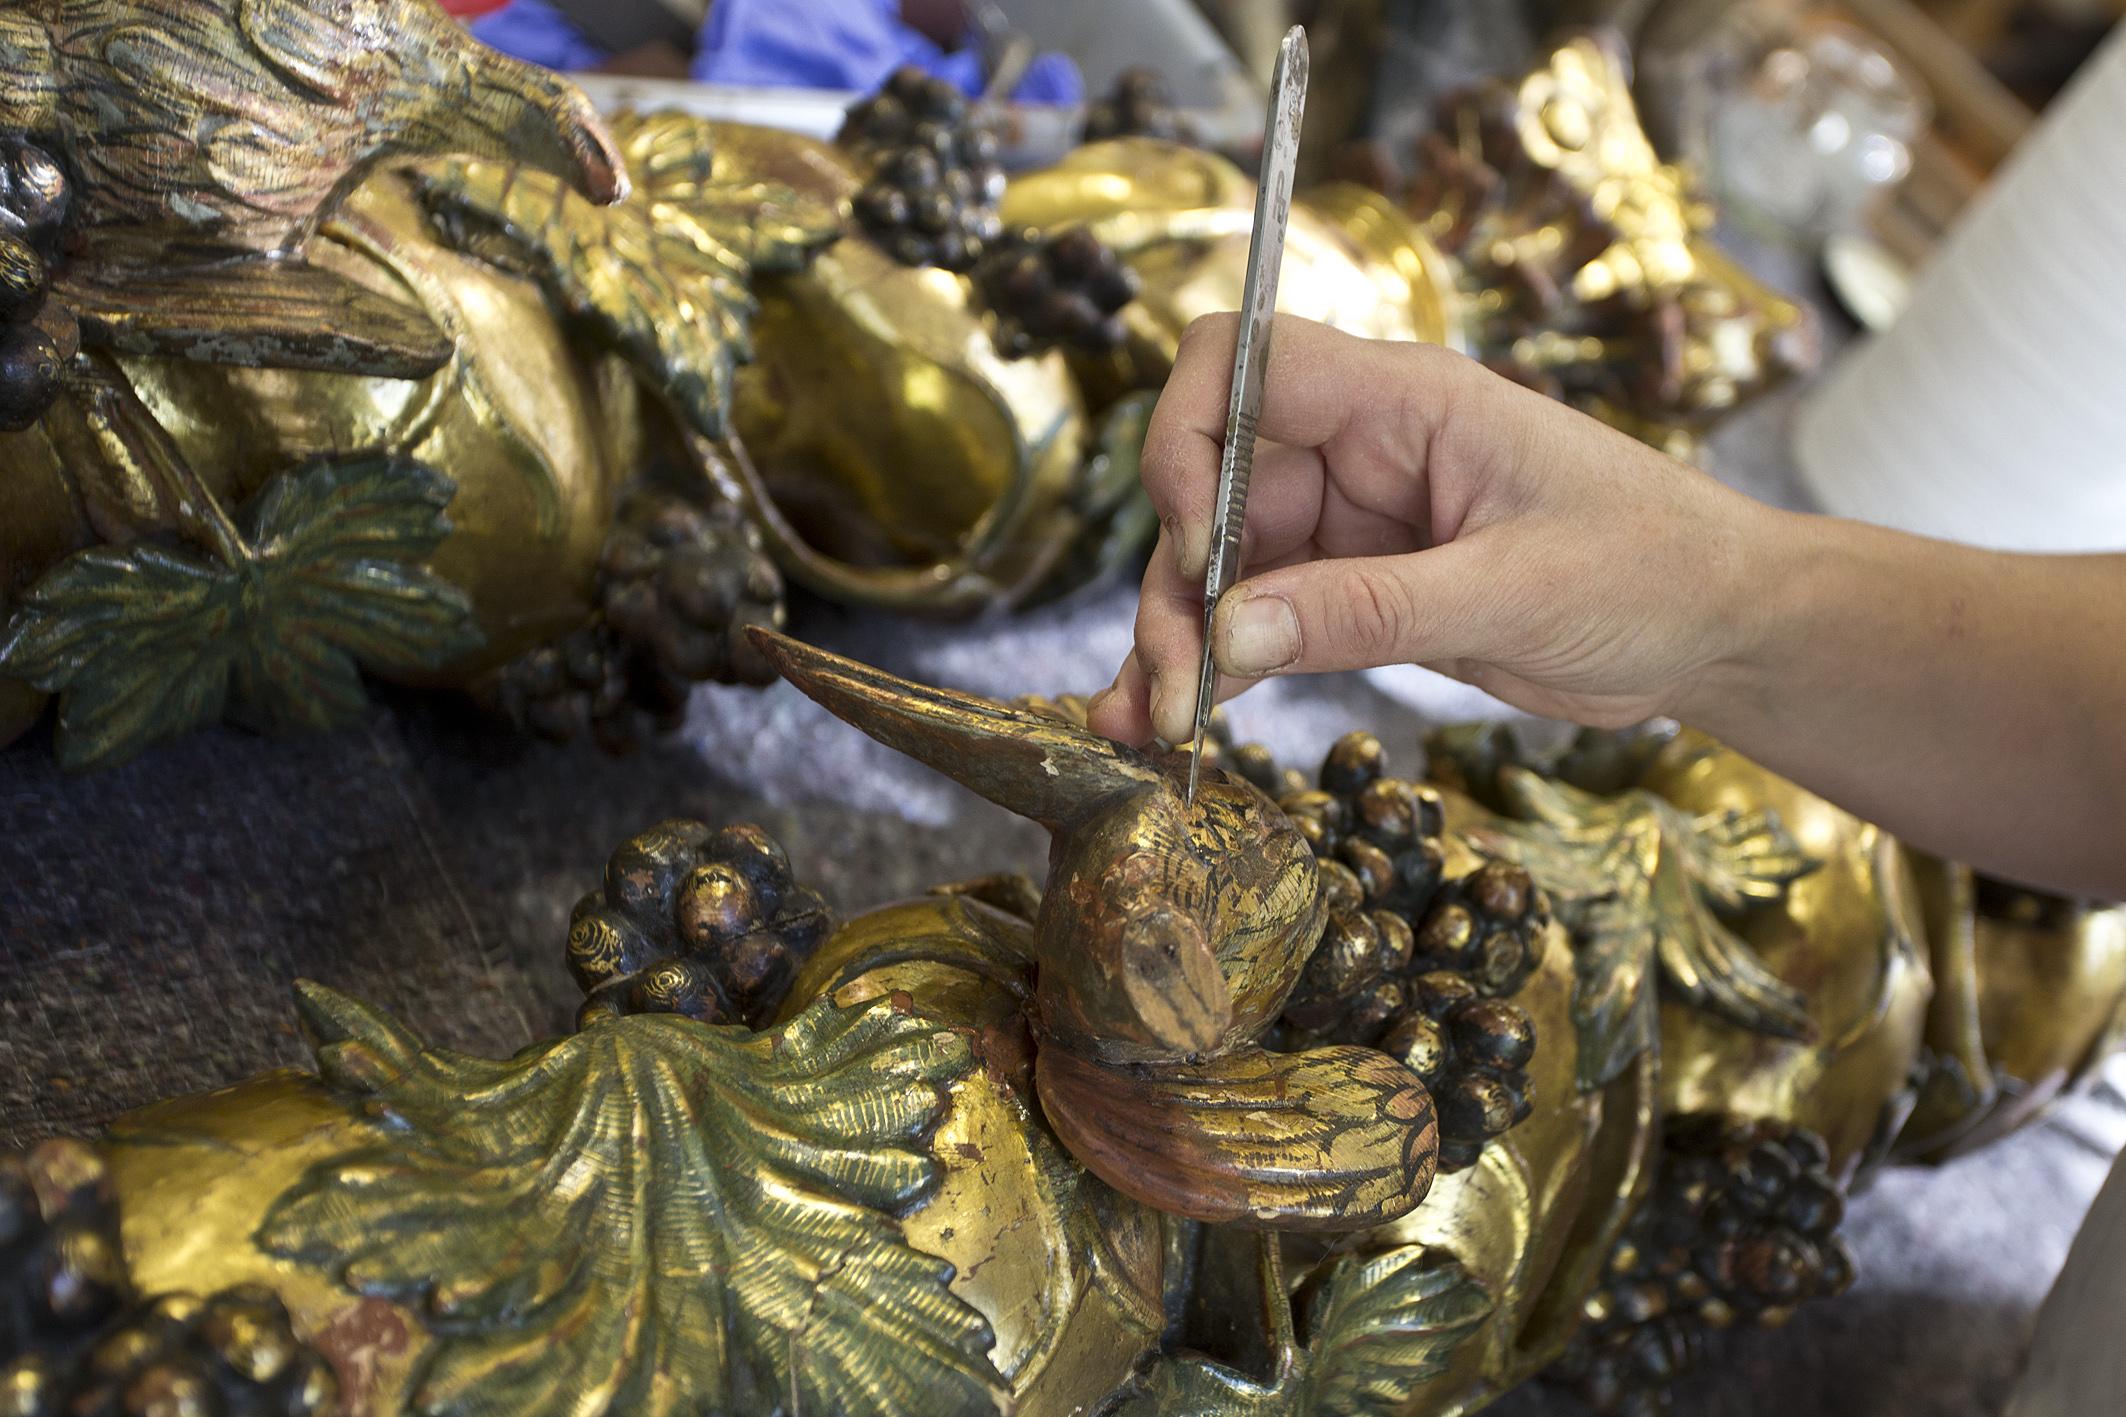 restauración de arte, restauraciones de arte, conservación de arte, conservaciones de arte, escultura